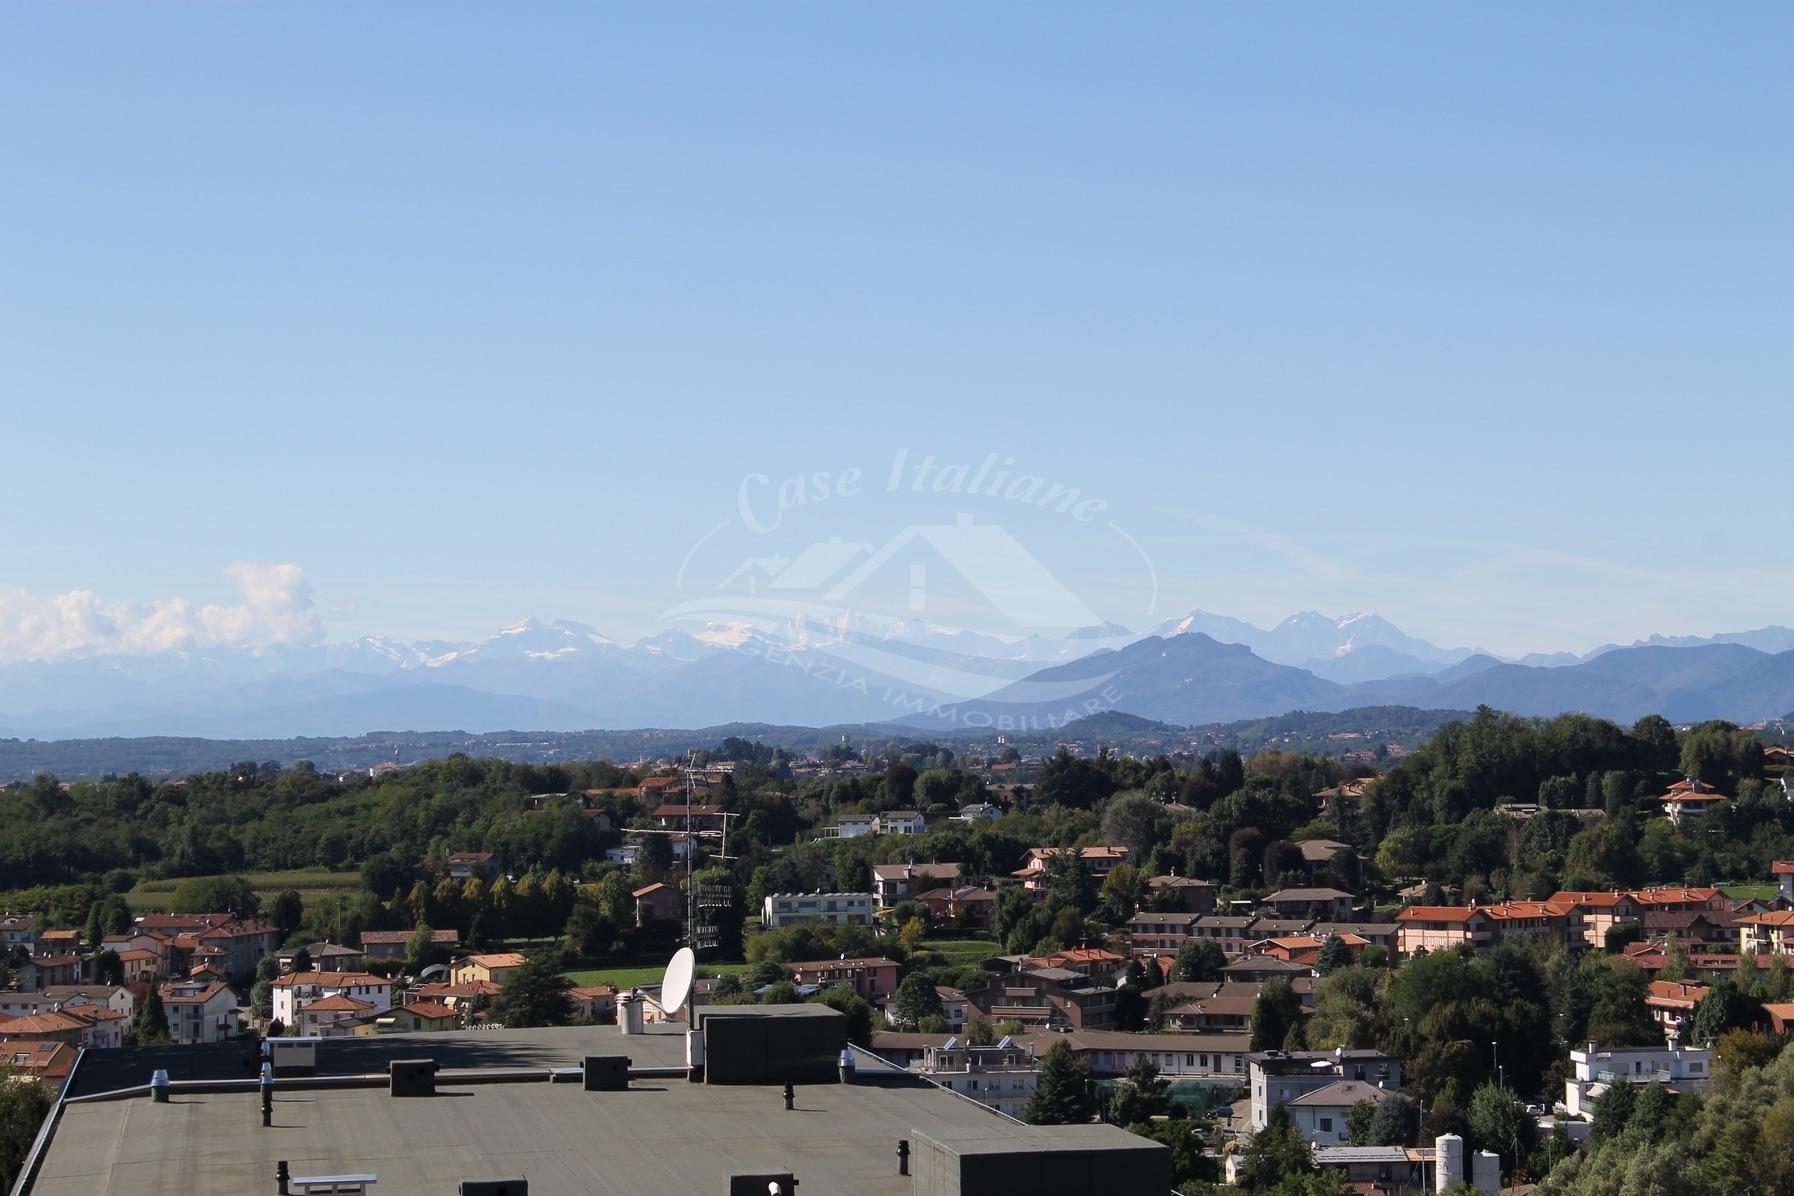 Bilocale a Cantu' con vista panoramica